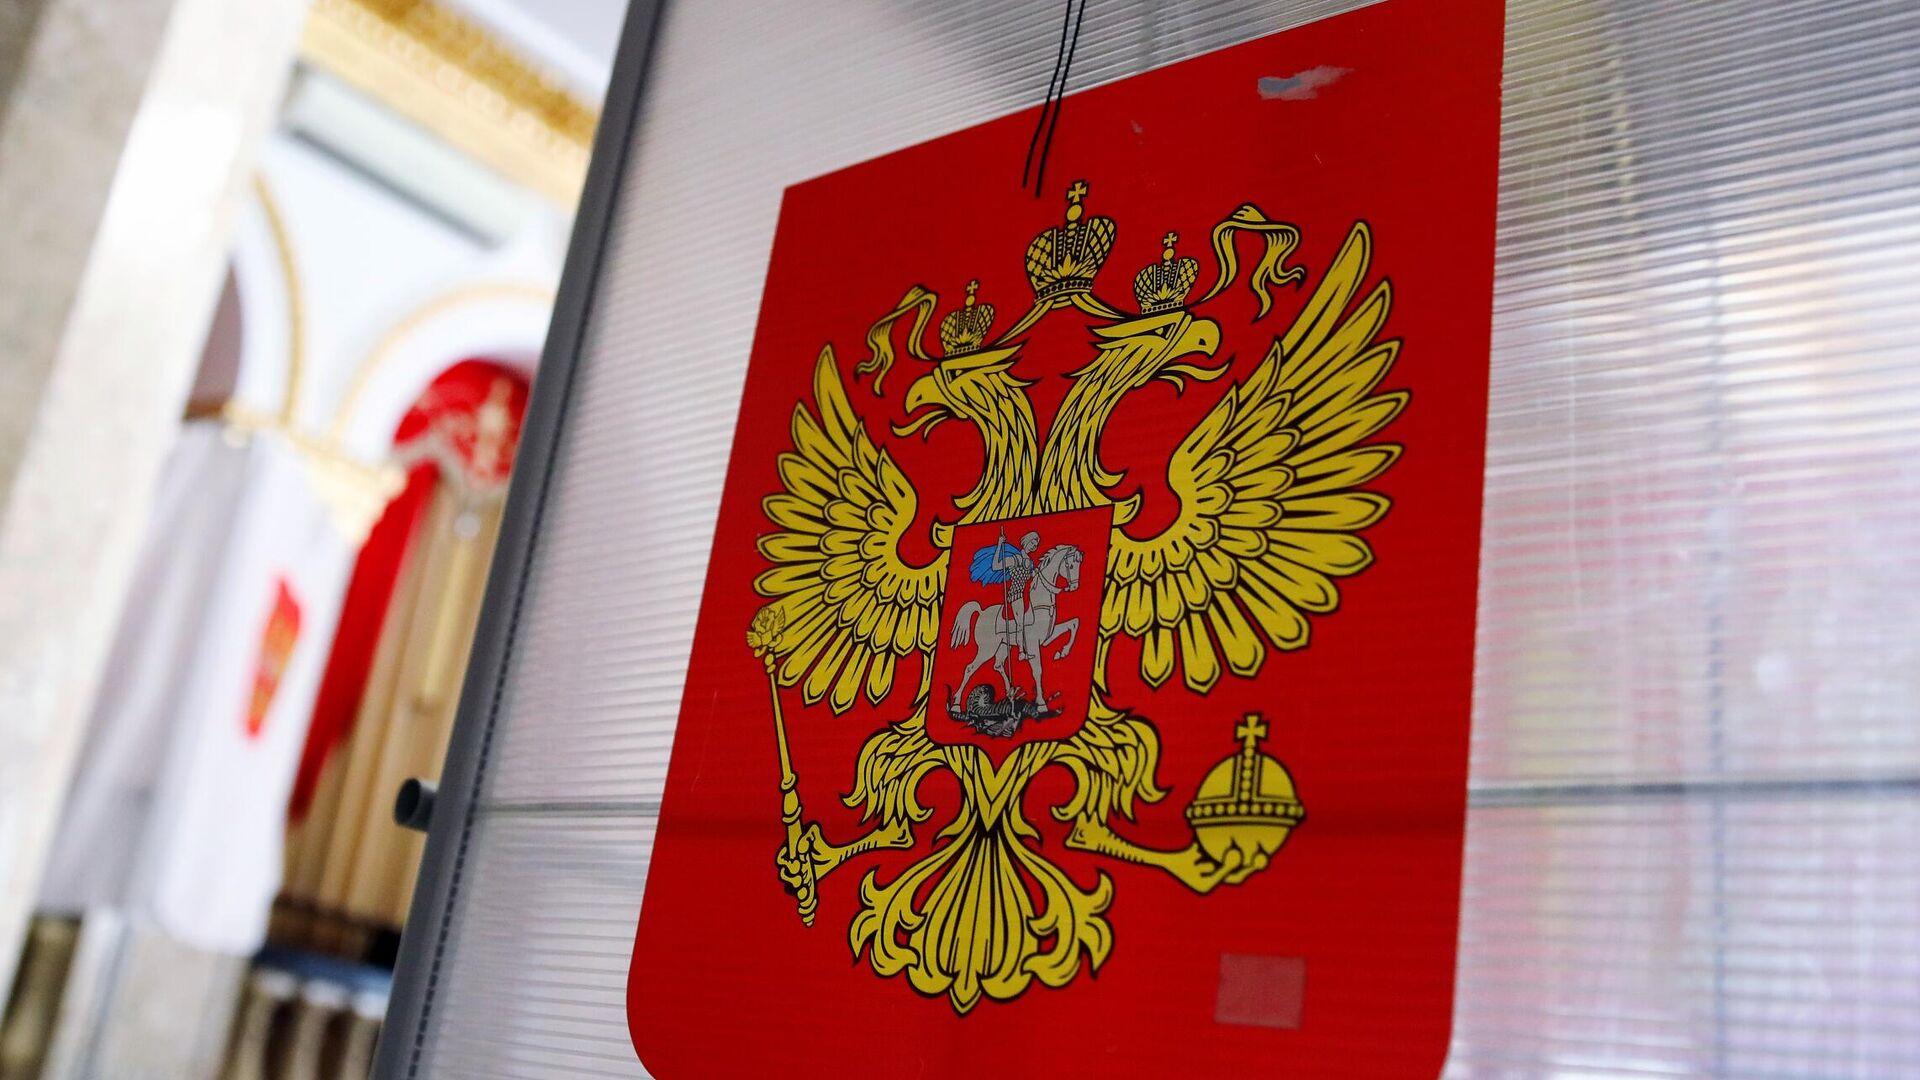 Досрочное голосование на избирательном участке в Краснодаре - РИА Новости, 1920, 14.07.2021